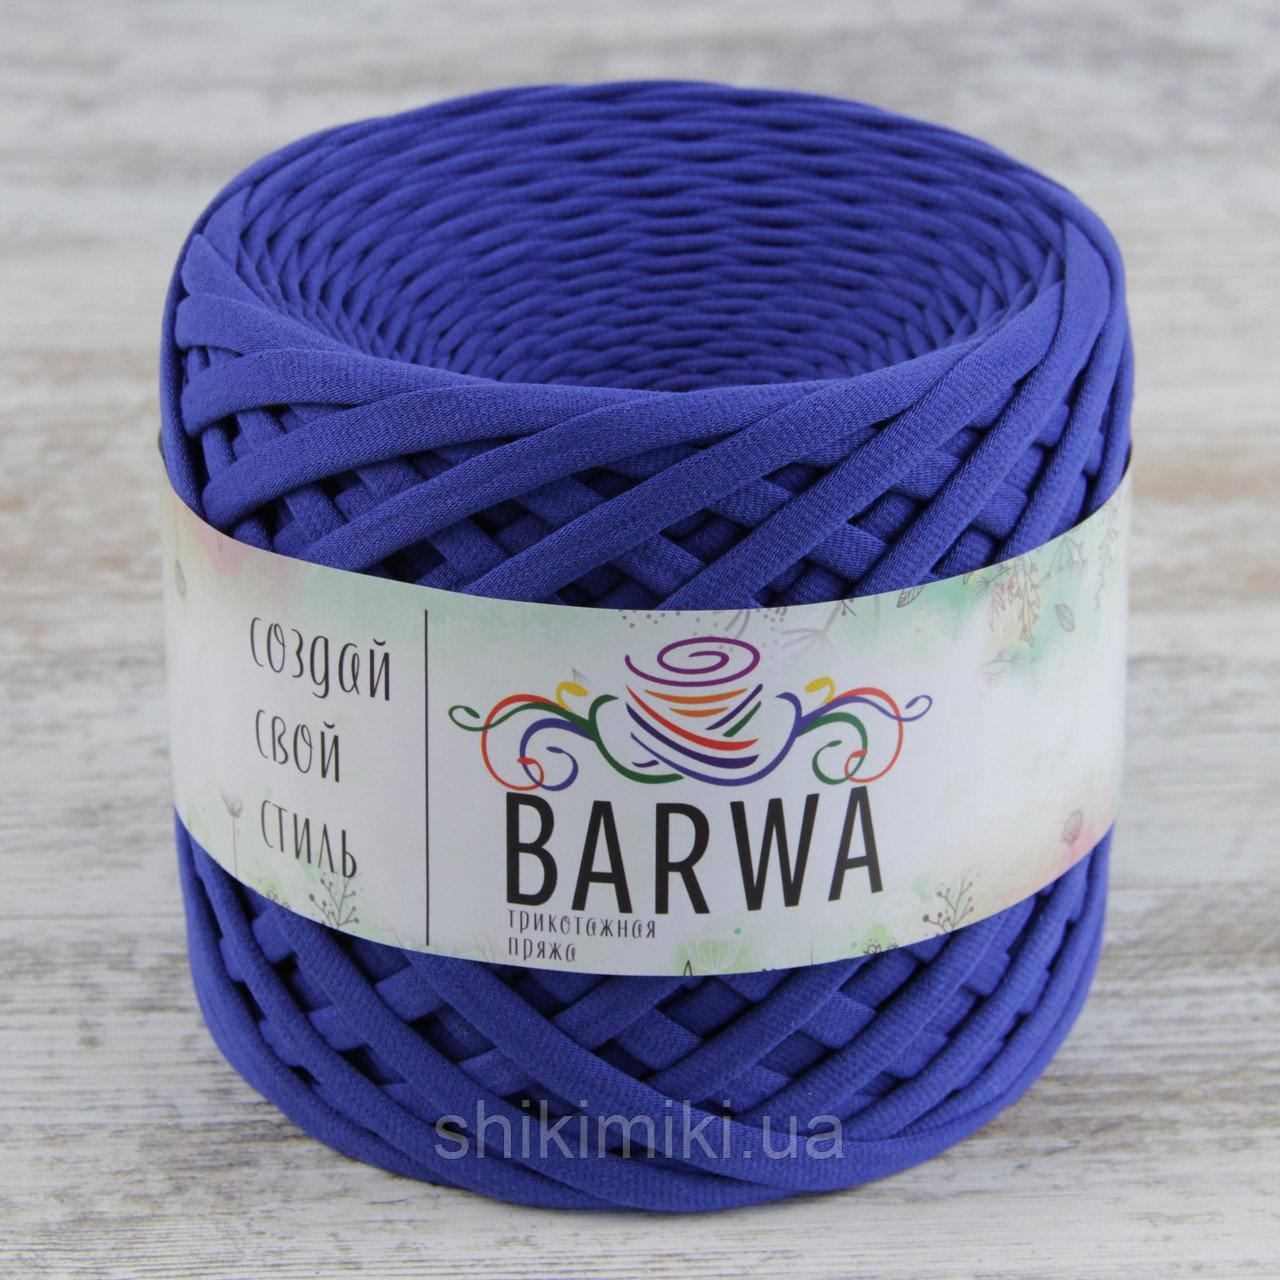 Трикотажная пряжа Barwa (7-9 мм), цвет Синий кобальт